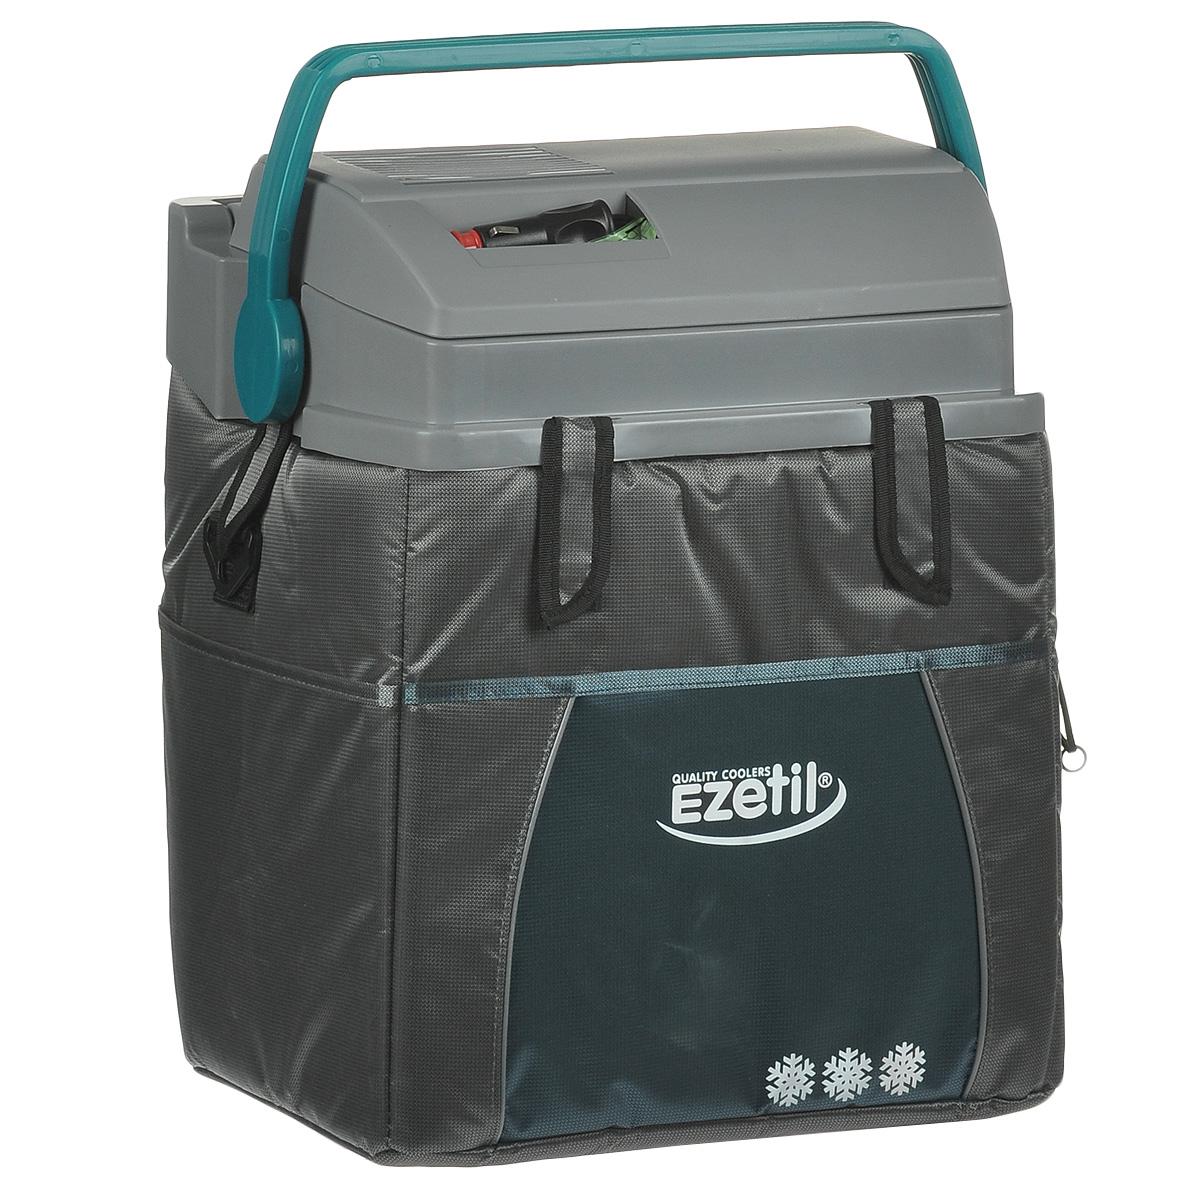 Термоэлектрический контейнер охлаждения Ezetil ESC 21 12V, цвет: серый, 19,6 л